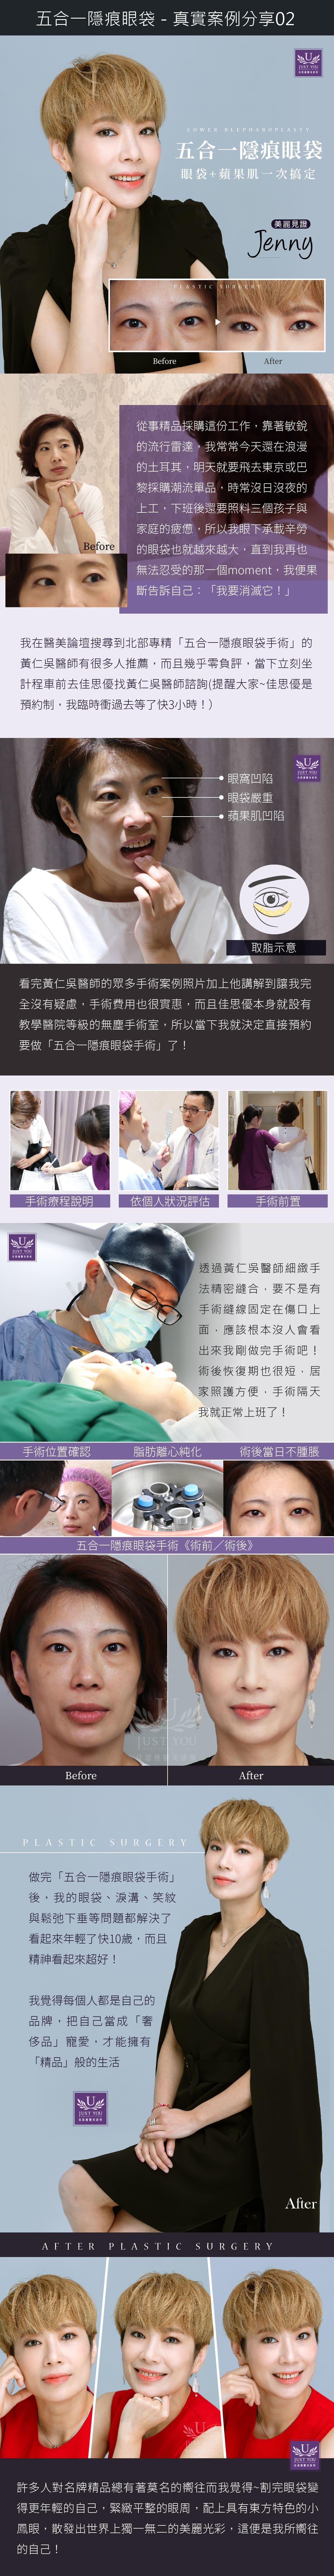 佳思优-眼袋手术实际案例分享